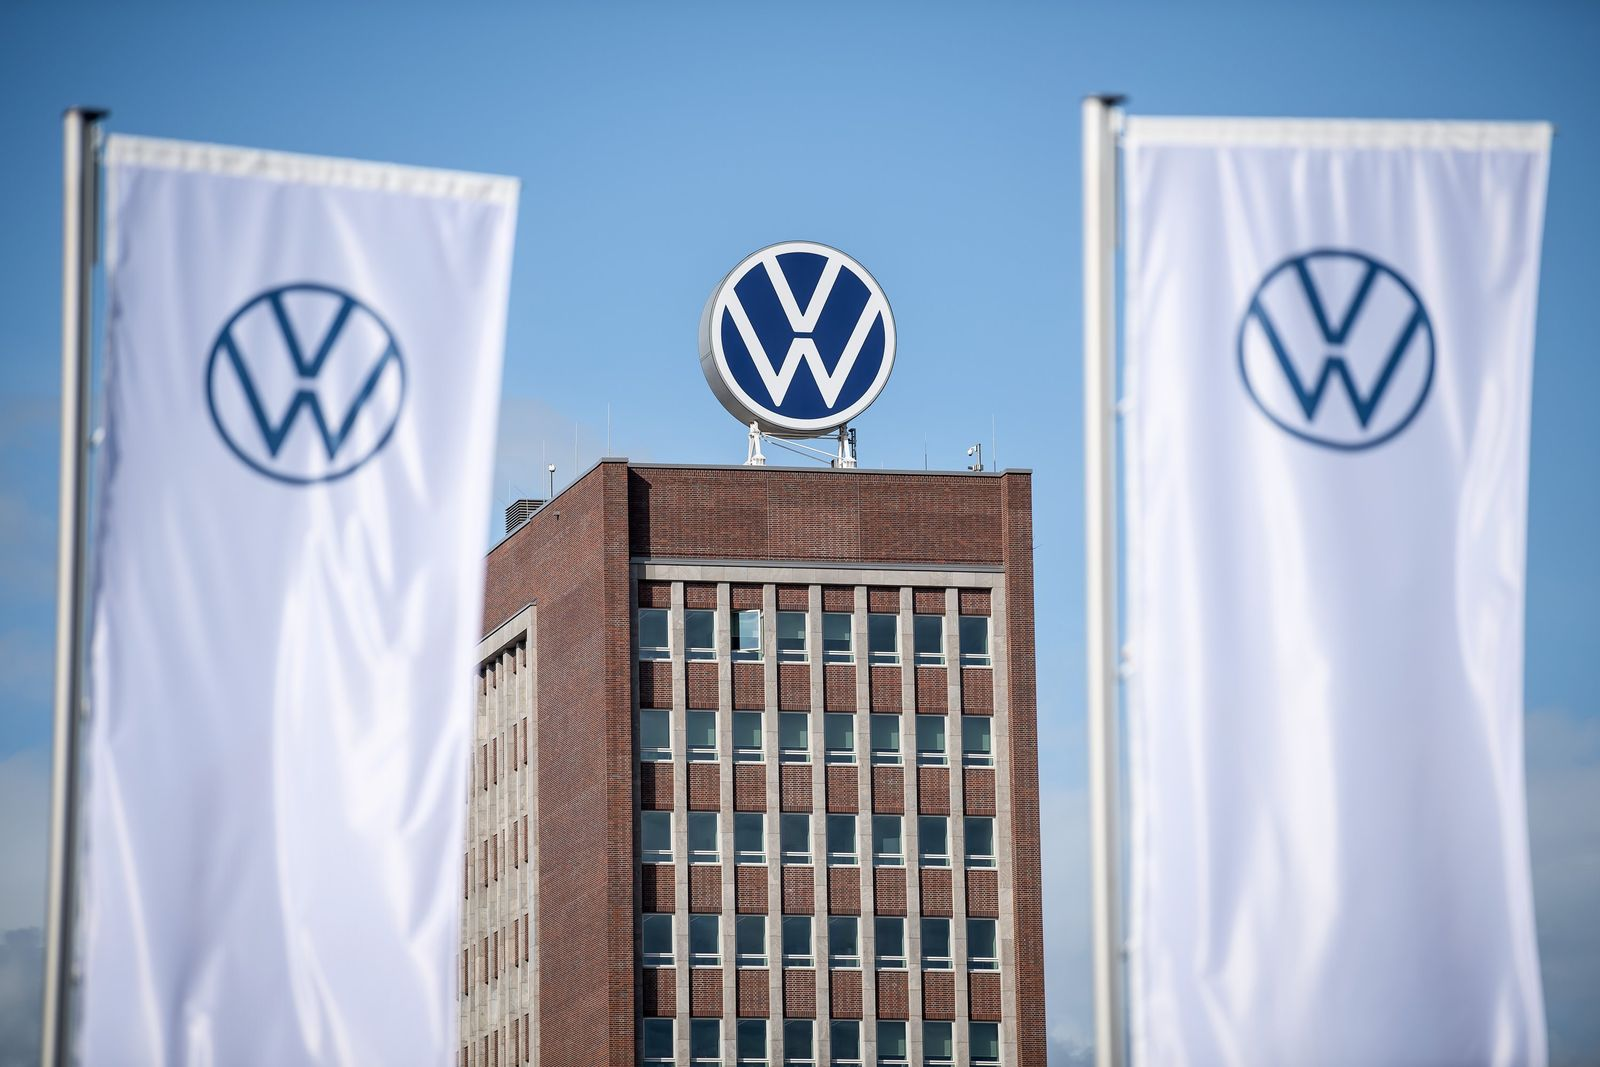 Verwaltungshochhaus Volkswagen